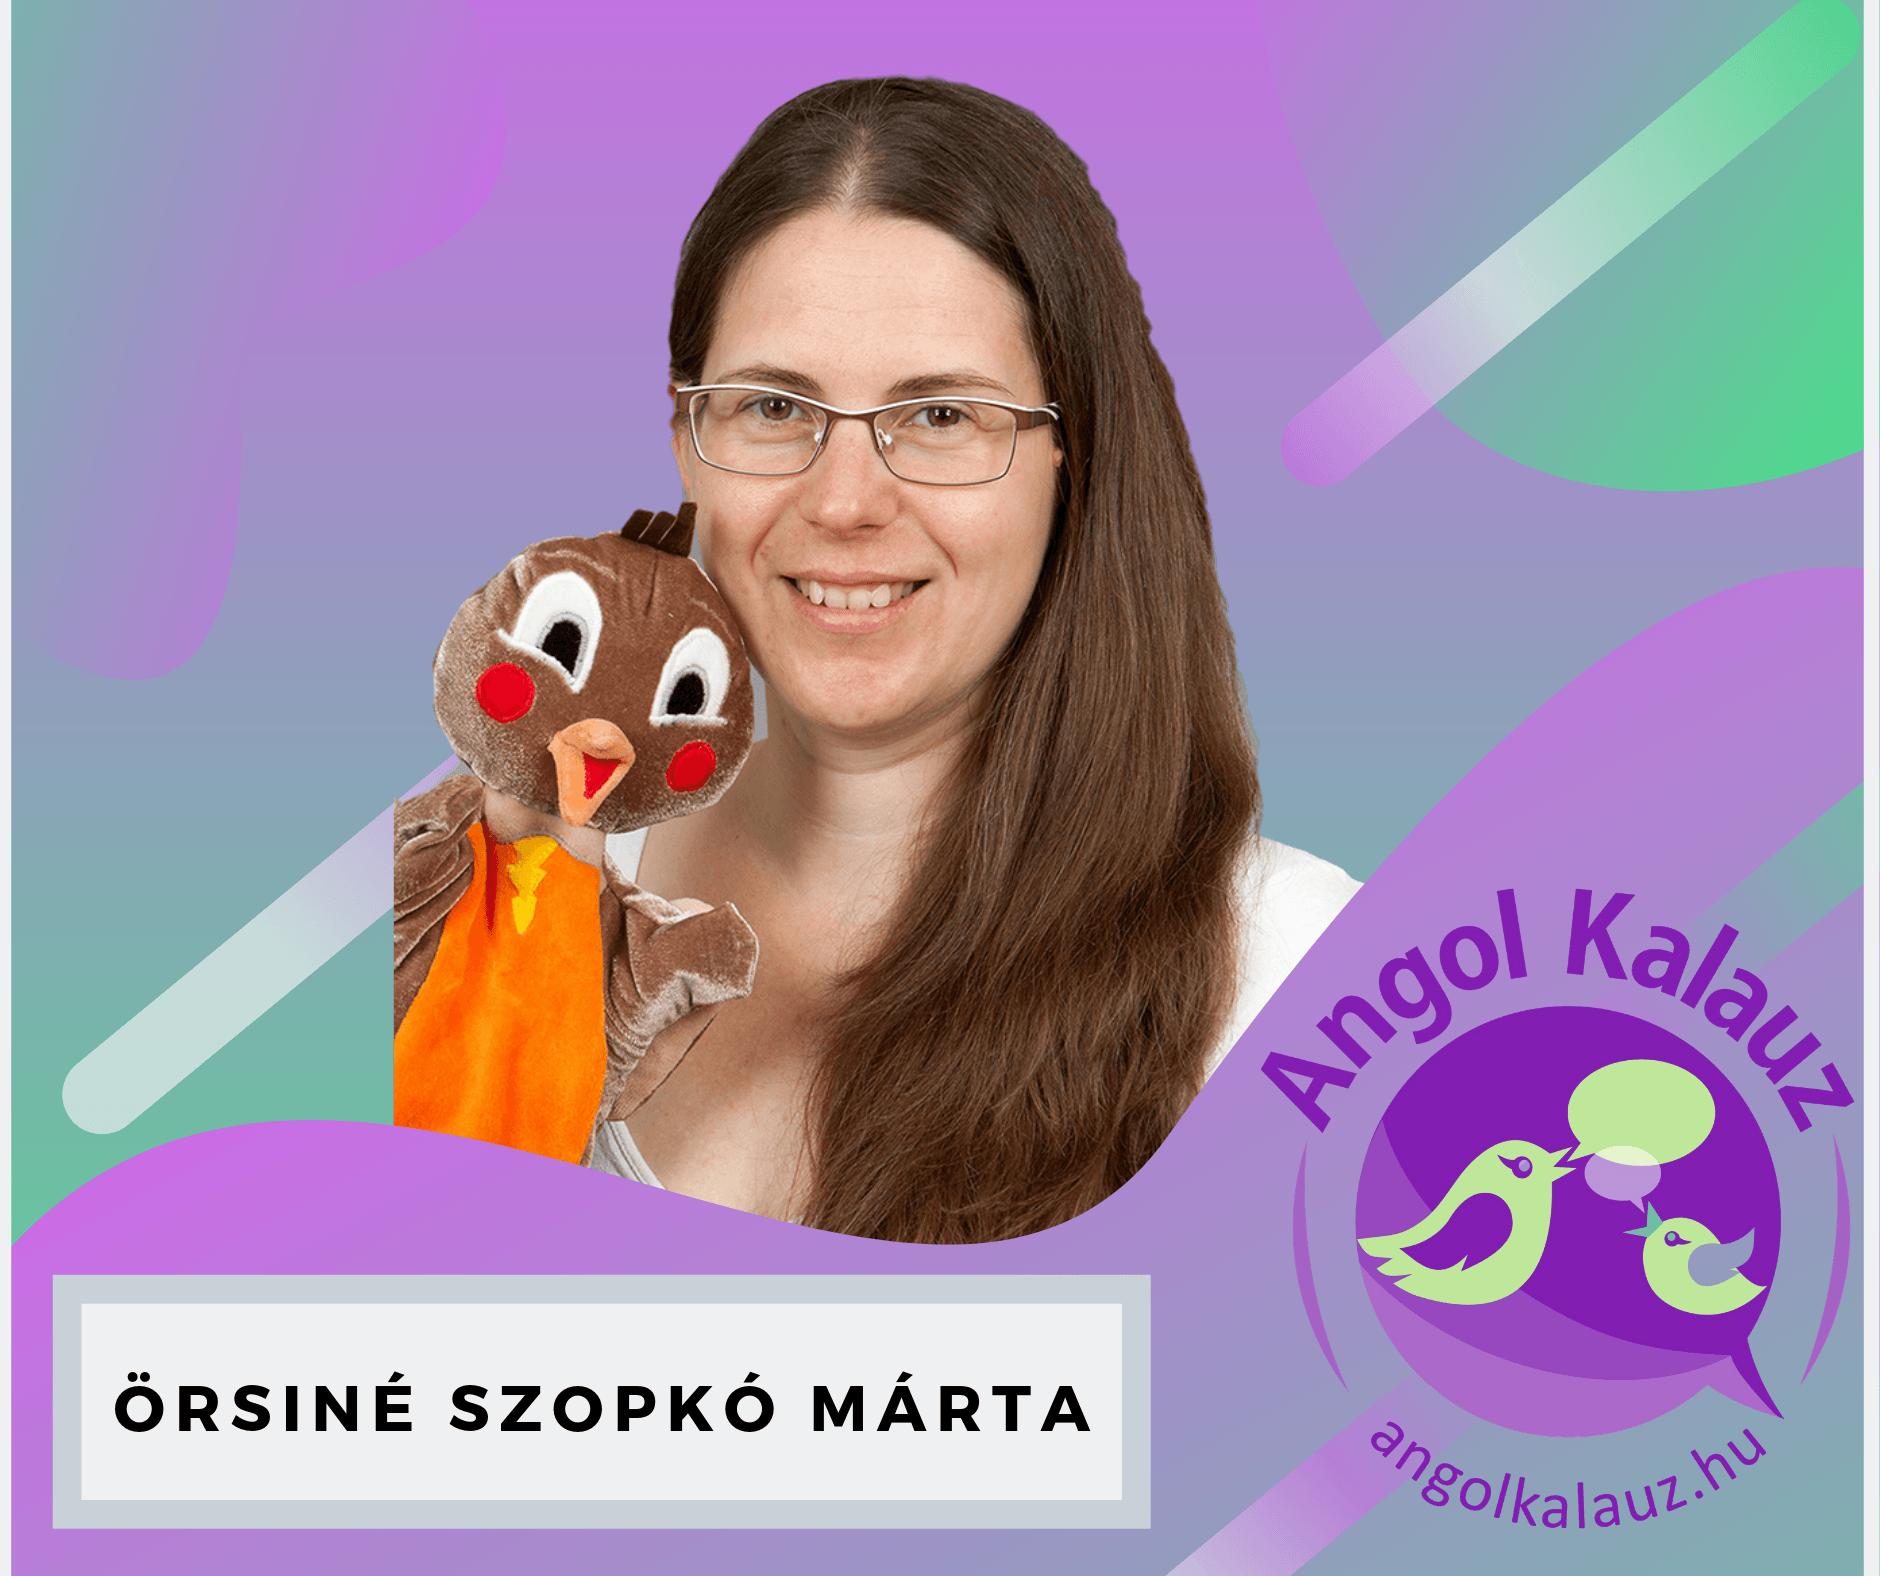 Örsiné Szopkó Márta